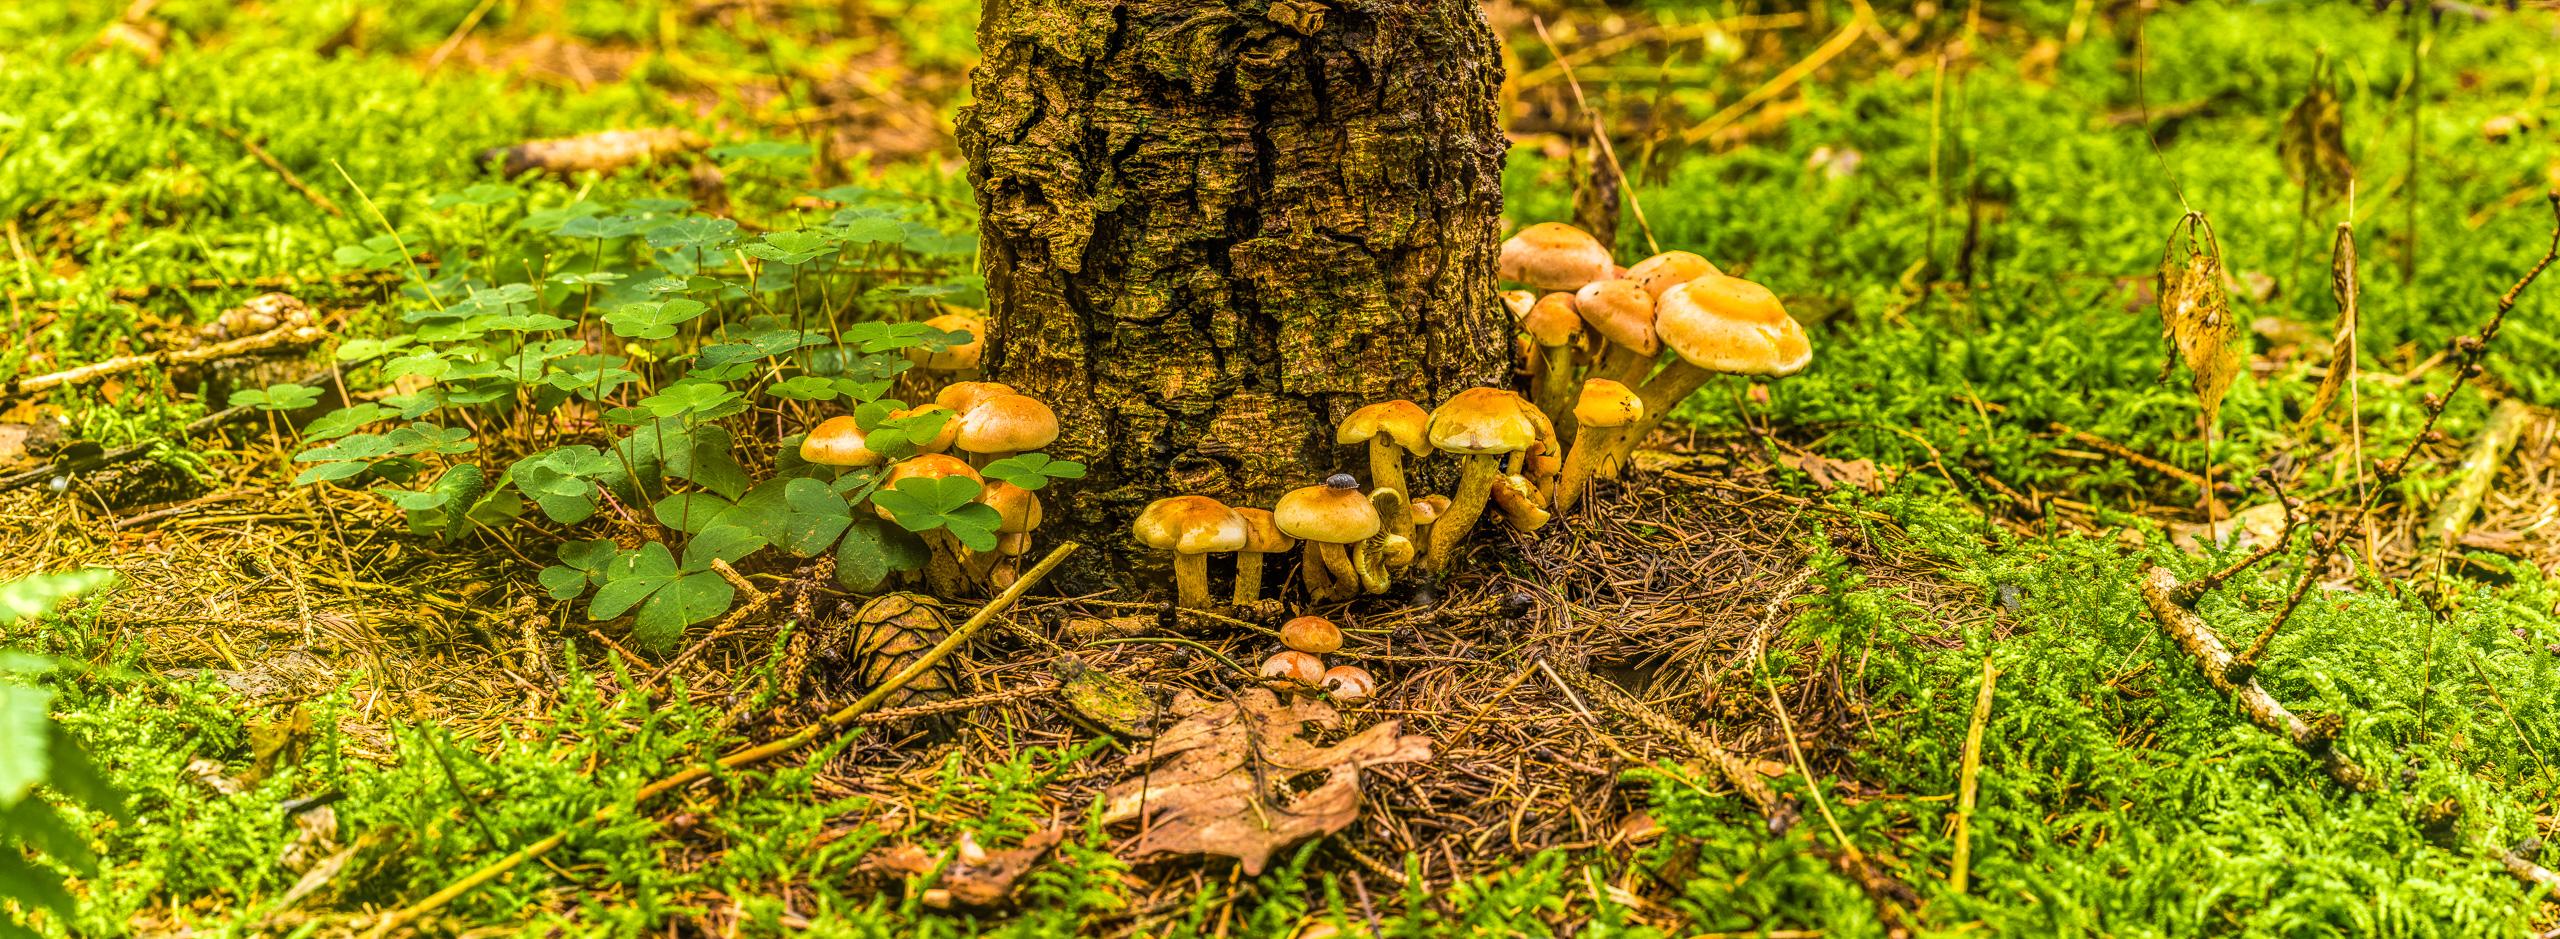 Pilze rund um einen Baumstamm gruppiert, Panoramaformat